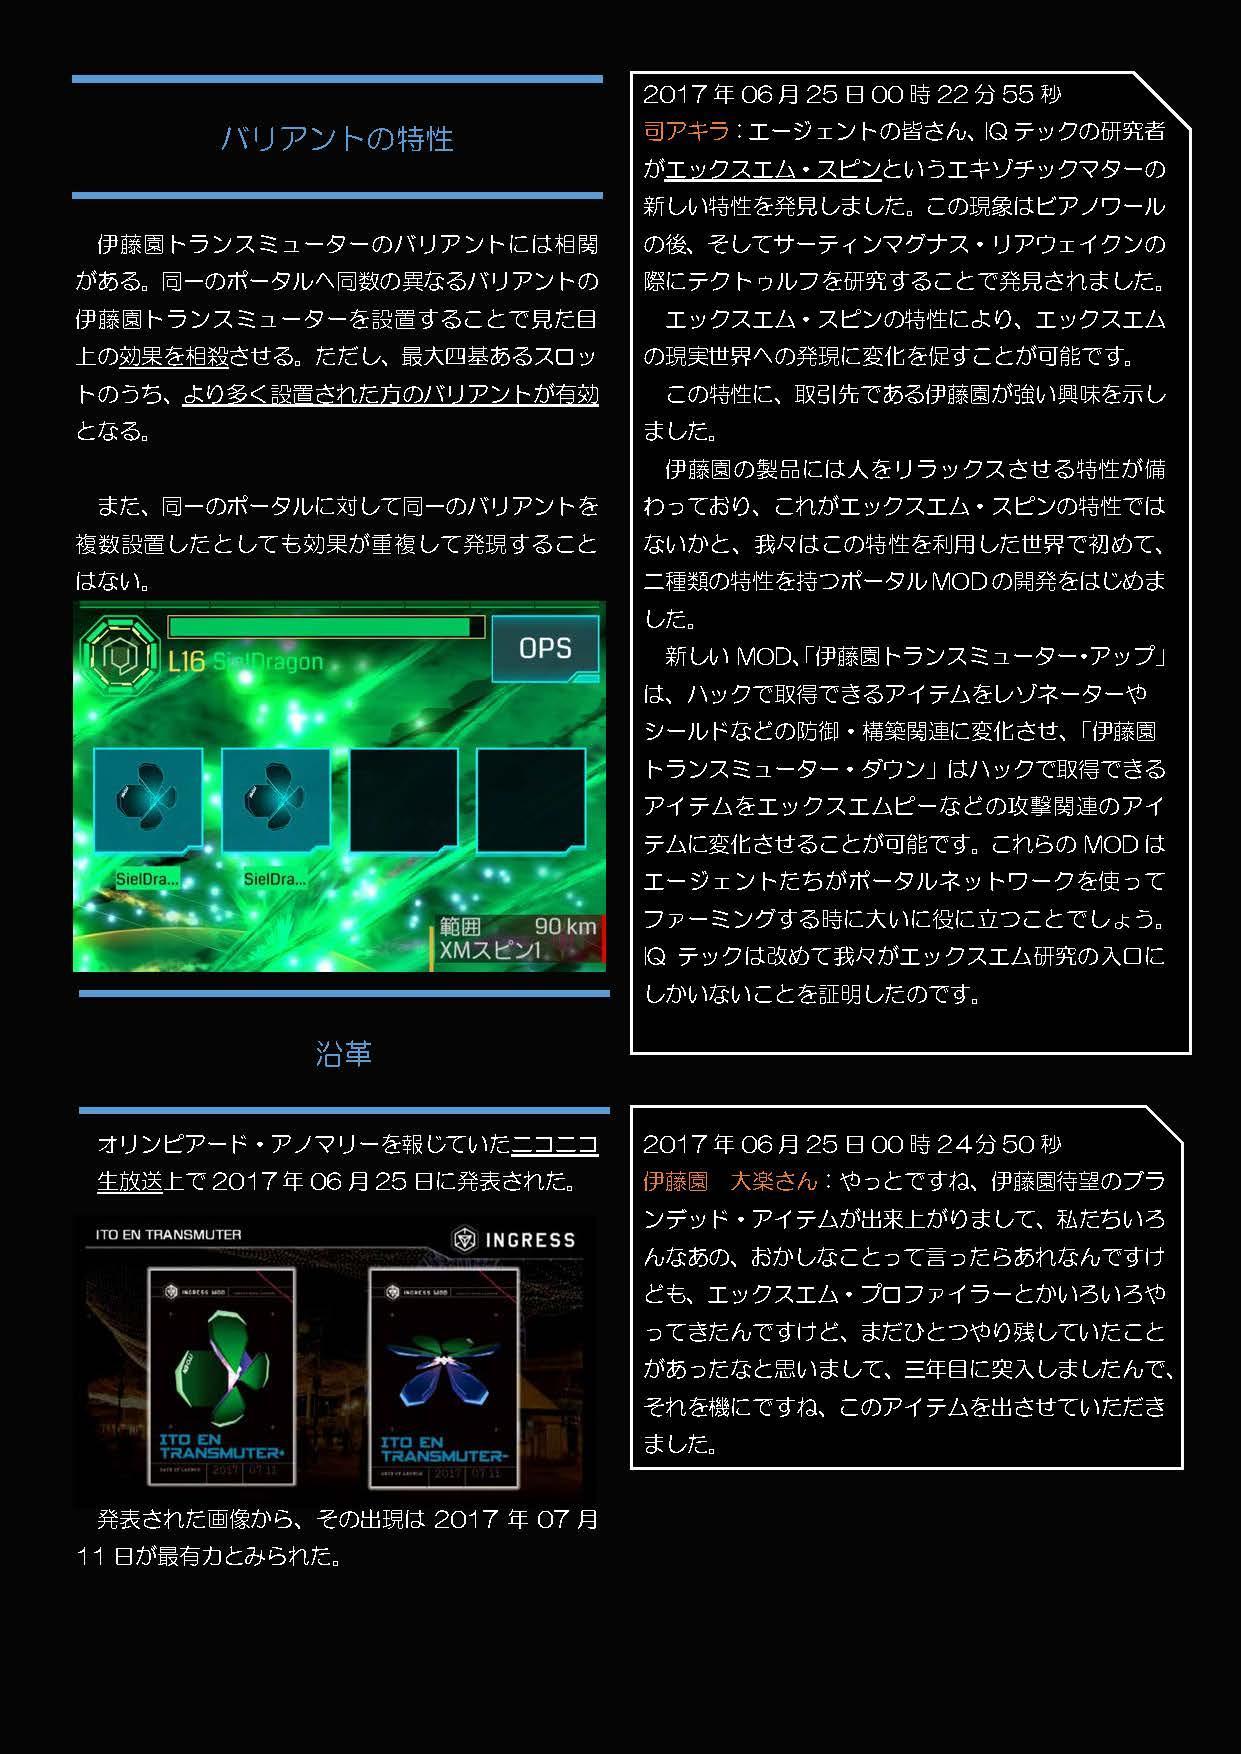 http://ingress.lycaeum.net/2017/07/dc98fd818f76fcea3e0a051d223e957b9e87eab6.jpg